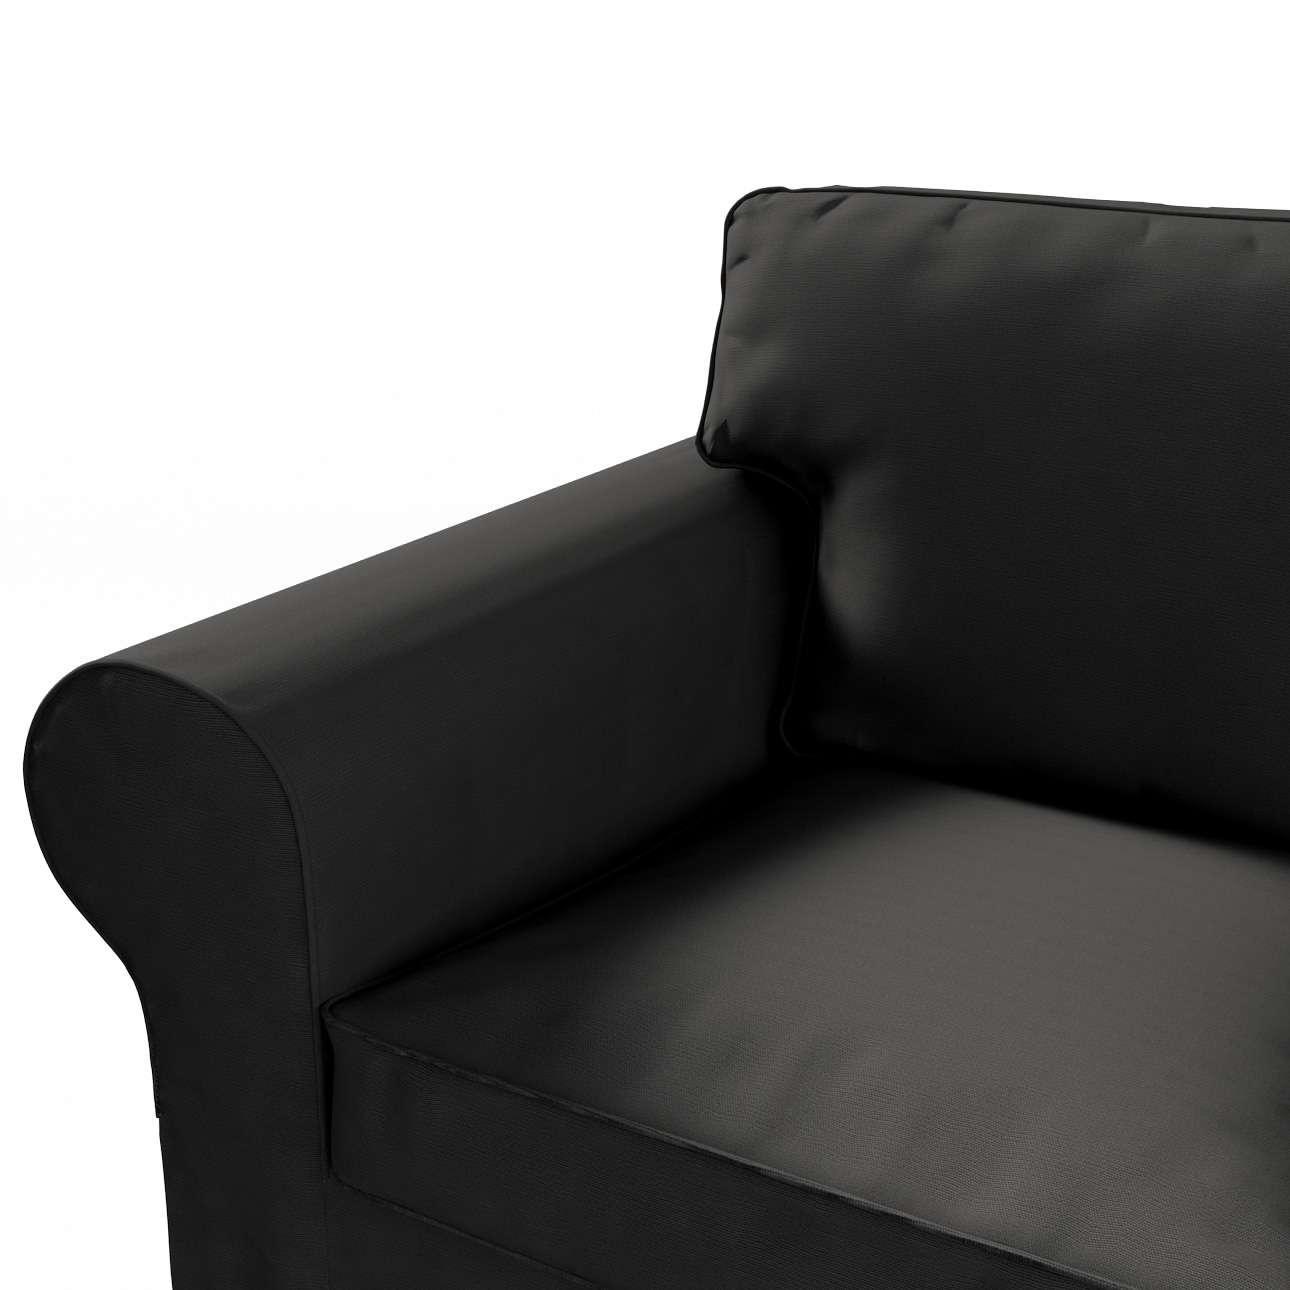 Ektorp trivietės sofos-lovos užvalkalas Ektorp trivietė sofa-lova kolekcijoje Cotton Panama, audinys: 702-08